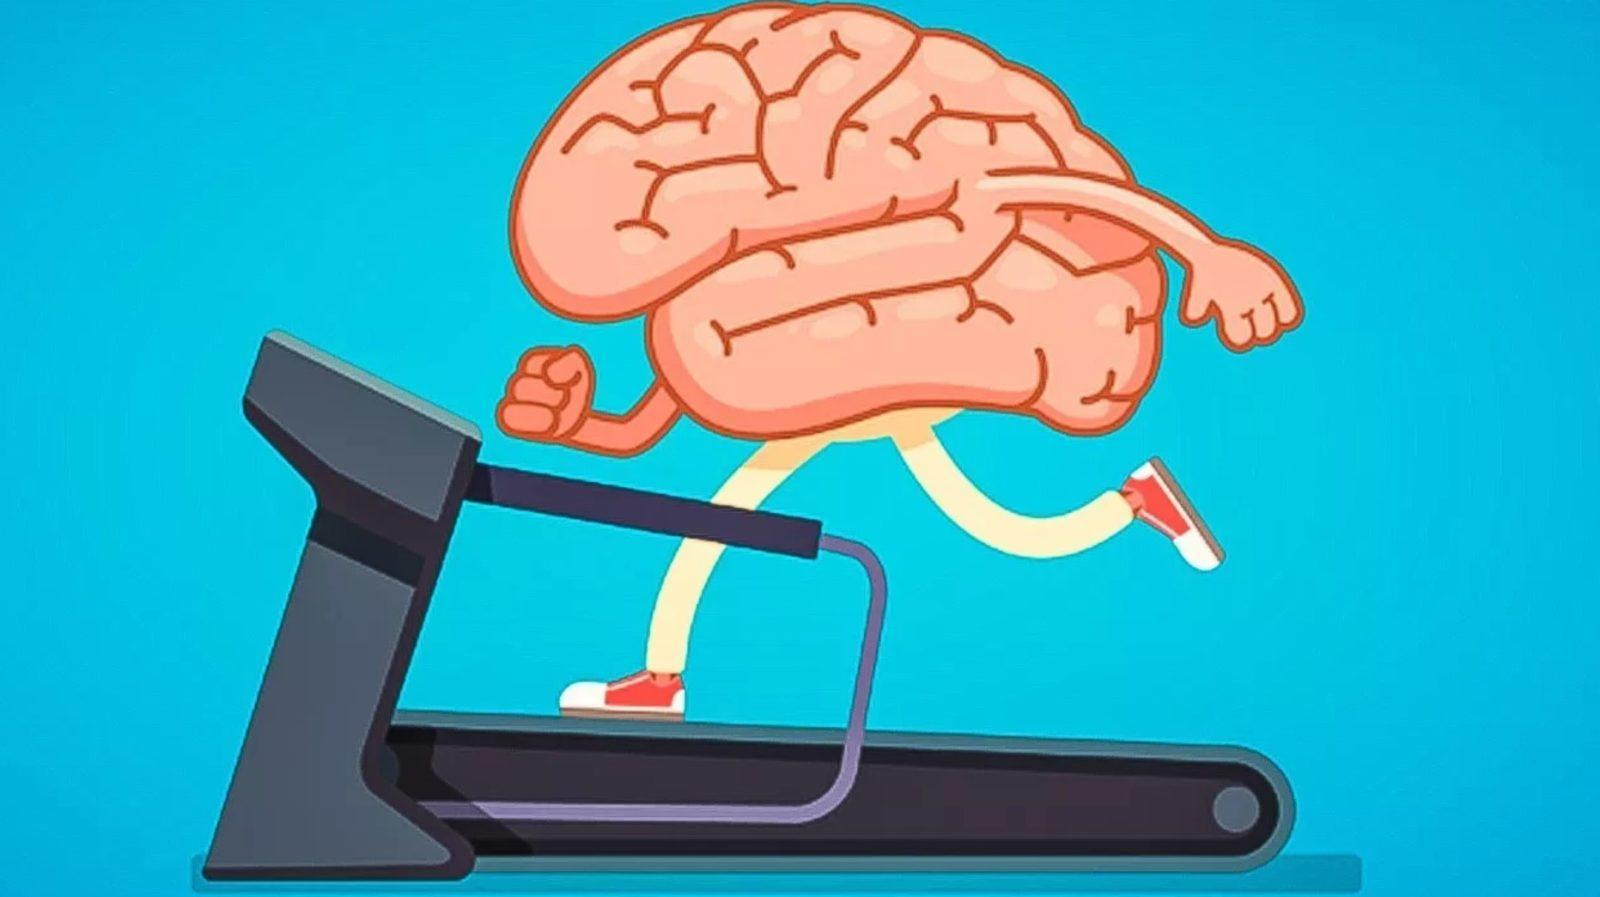 Прокачай свой мозг: как улучшить работу мозга